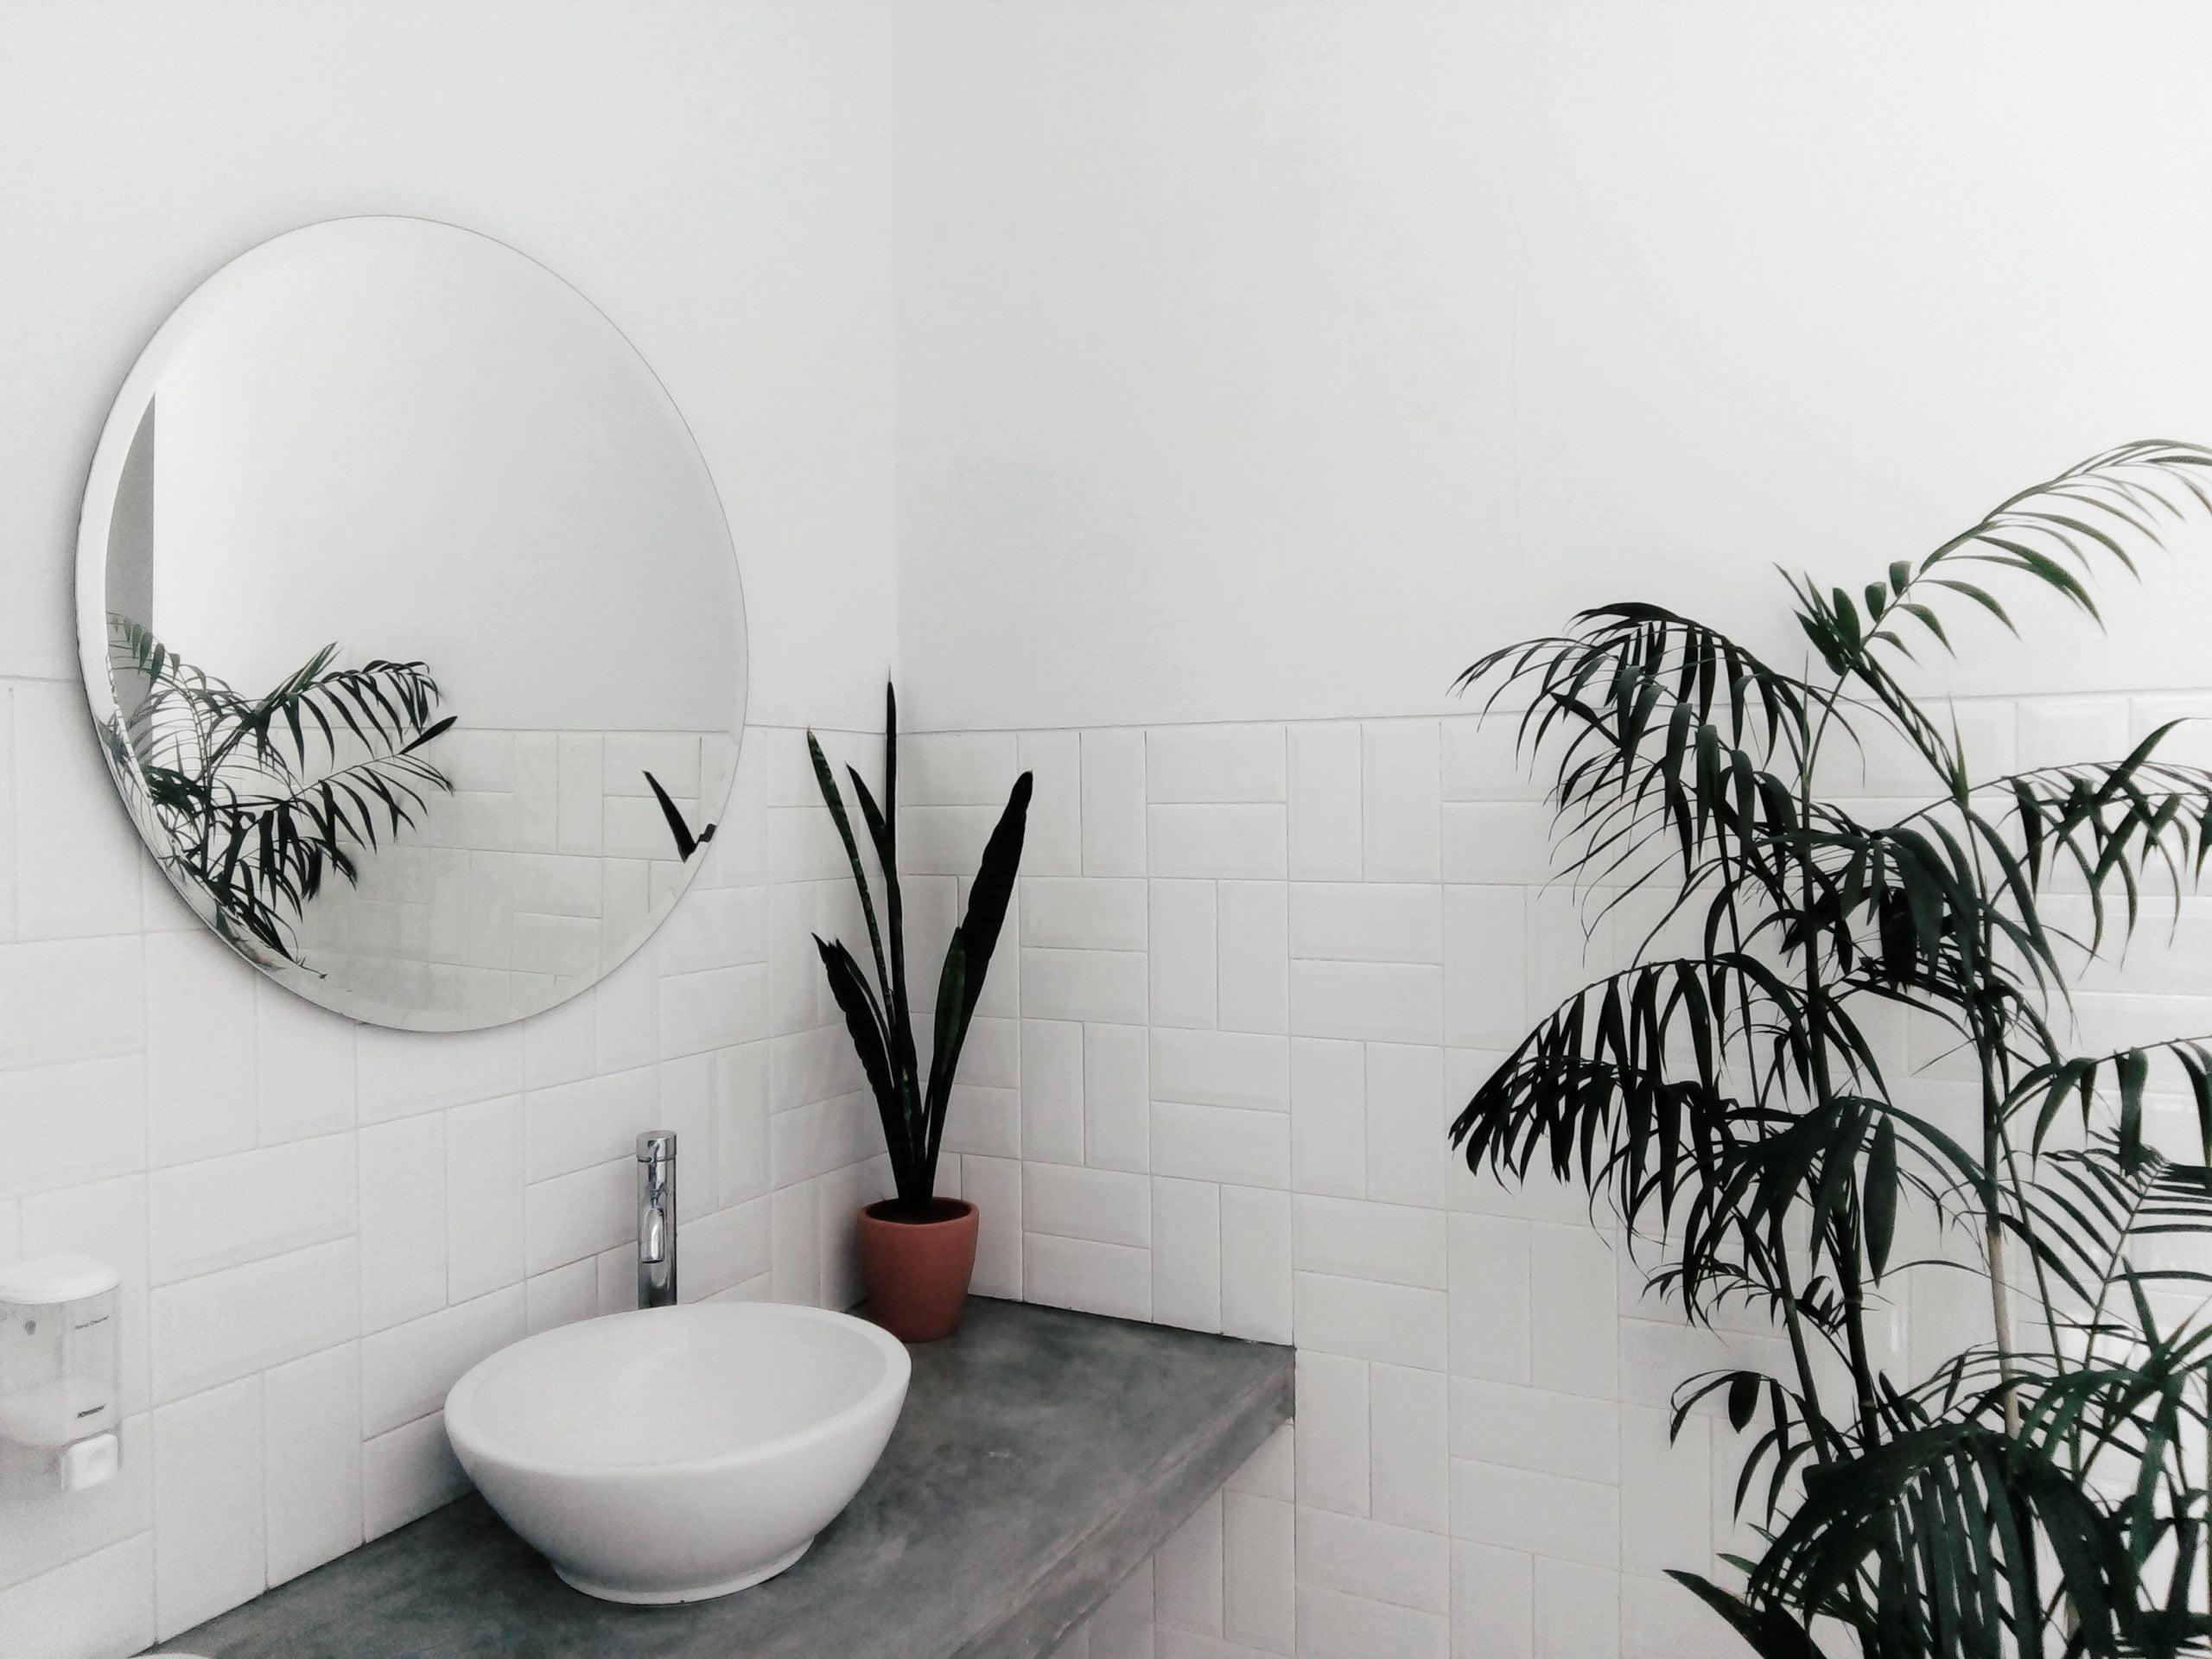 baño cero residuo